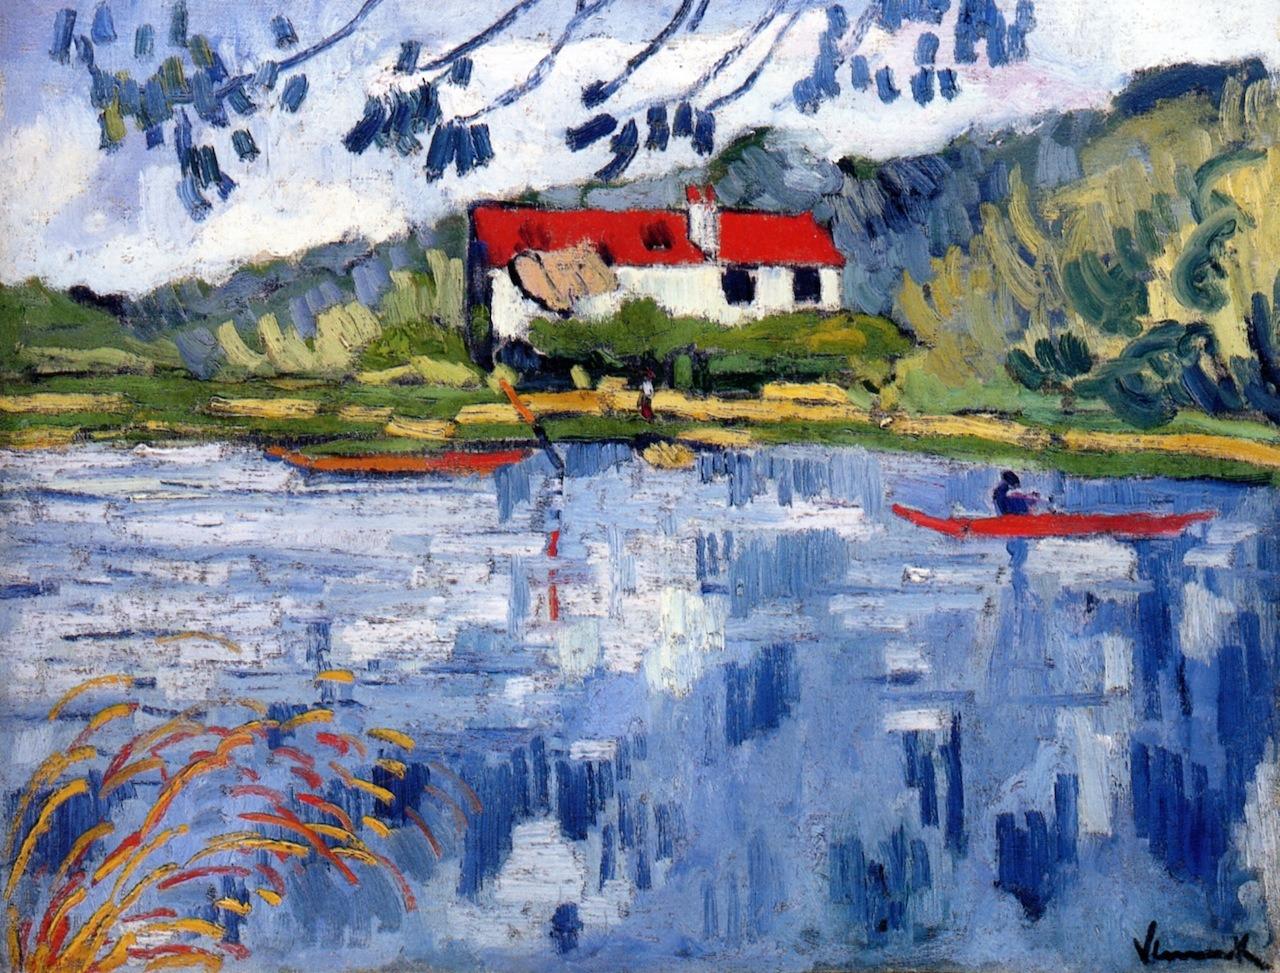 lawrenceleemagnuson: Maurice de Vlaminck (France 1876-1958)Sunny River With Boater (c. 1906)oil on canvas 50 x 65.2 cm